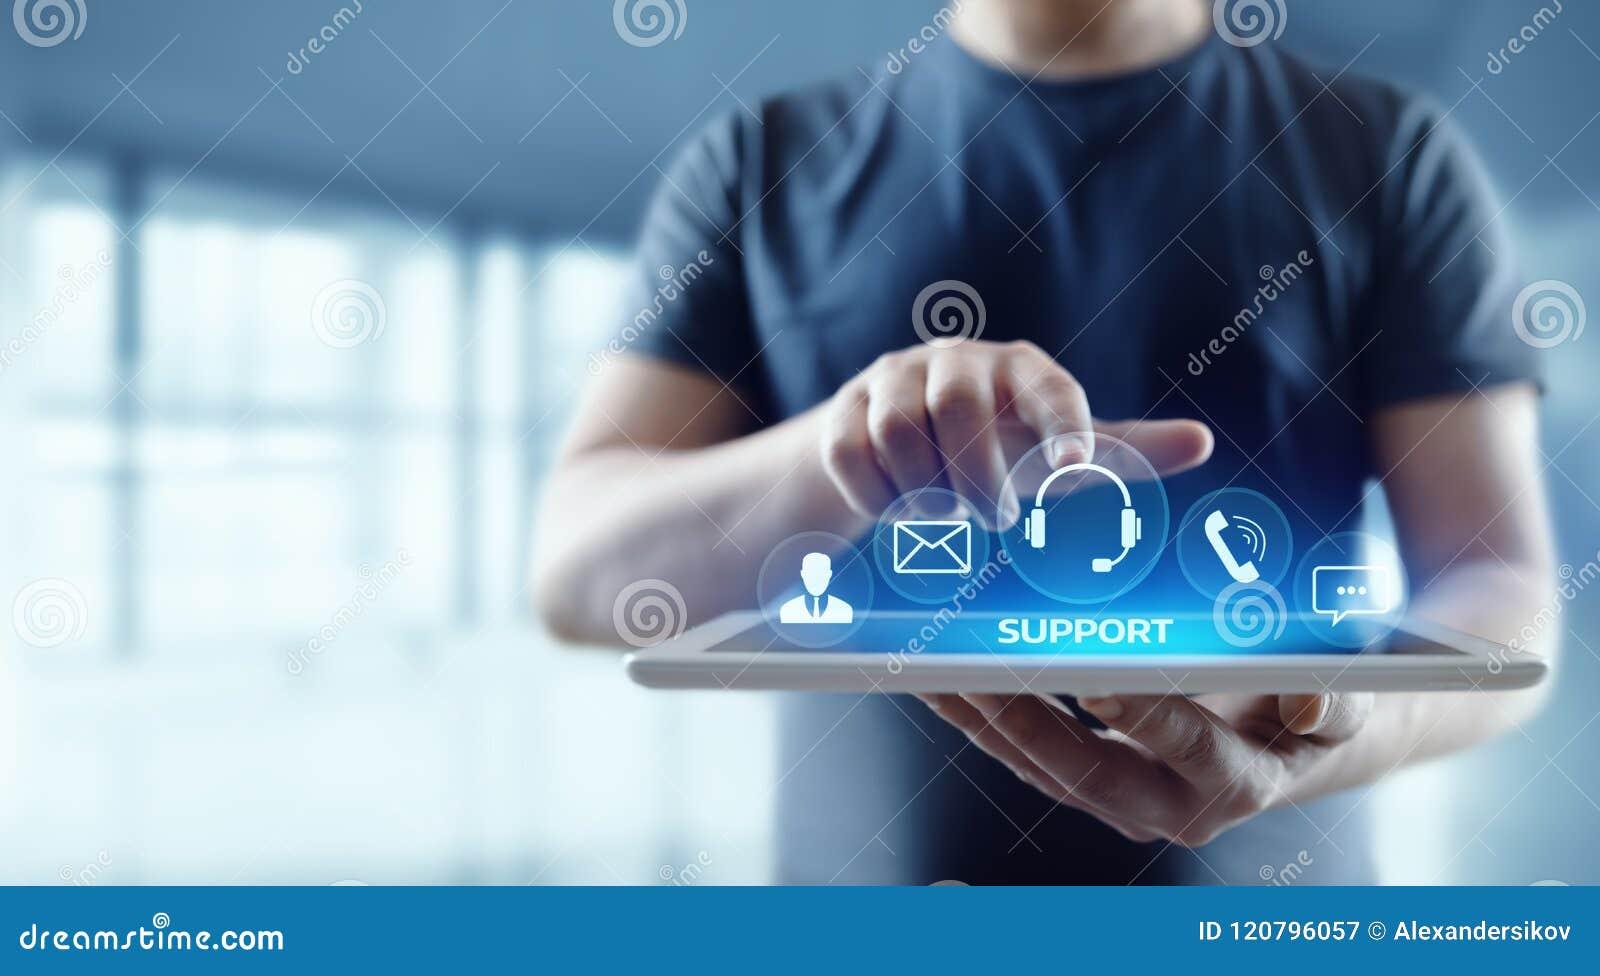 Van de de Klantendienst van het technische ondersteuningcentrum van Bedrijfs Internet Technologieconcept